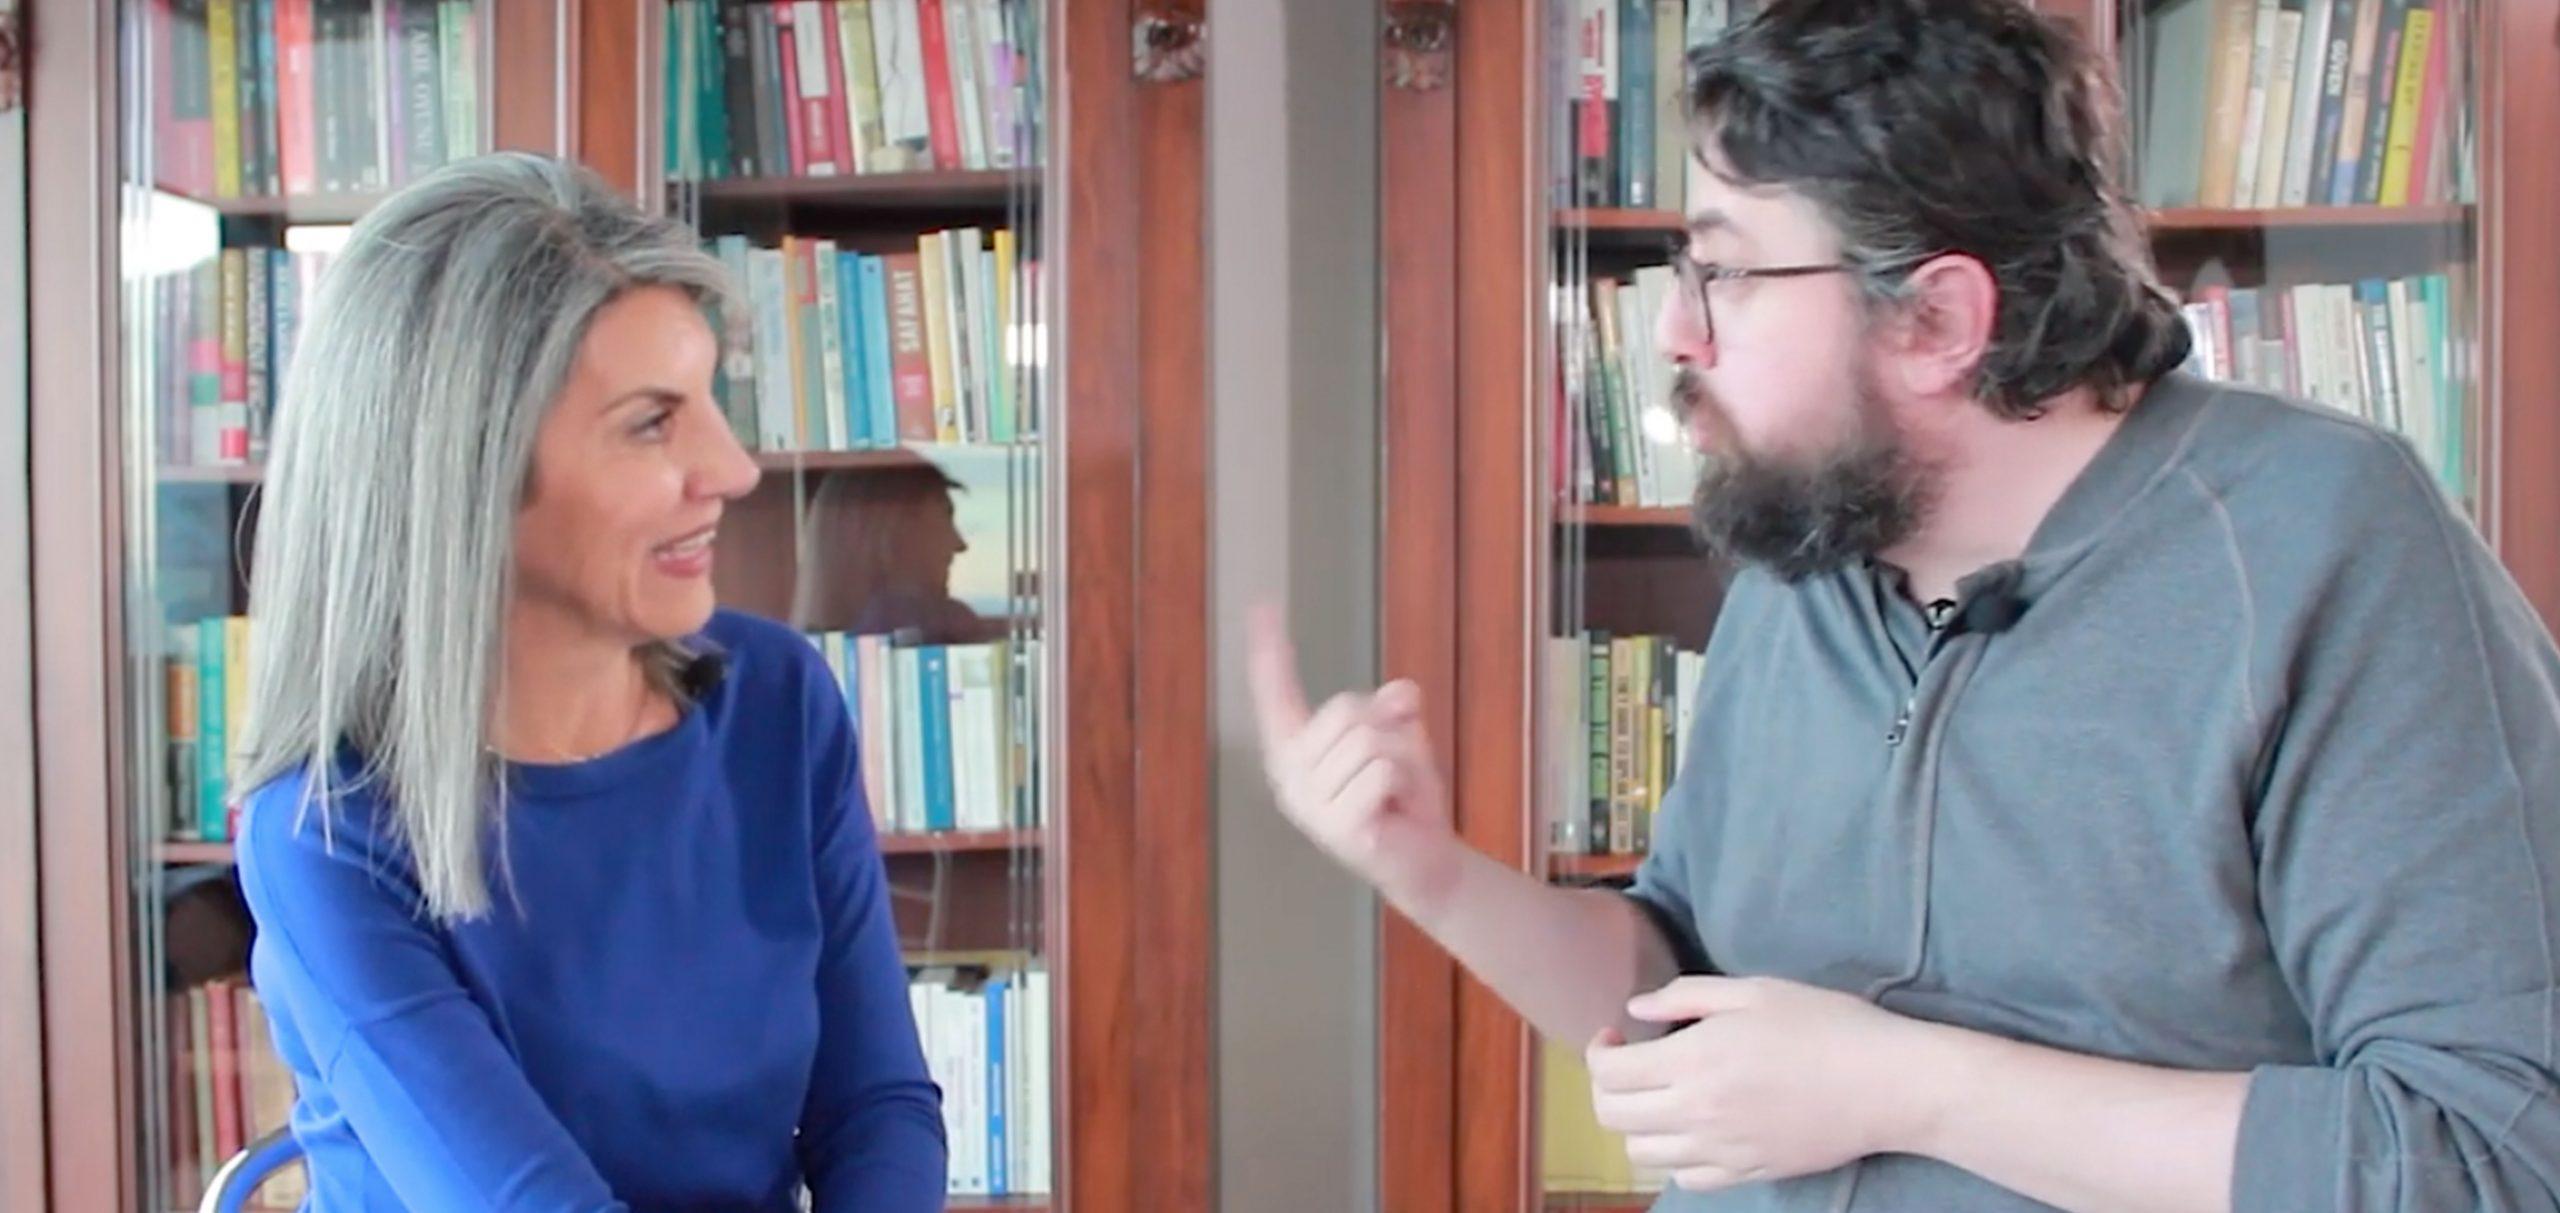 Röportaj: Yaprak Özer & Akan Abdula